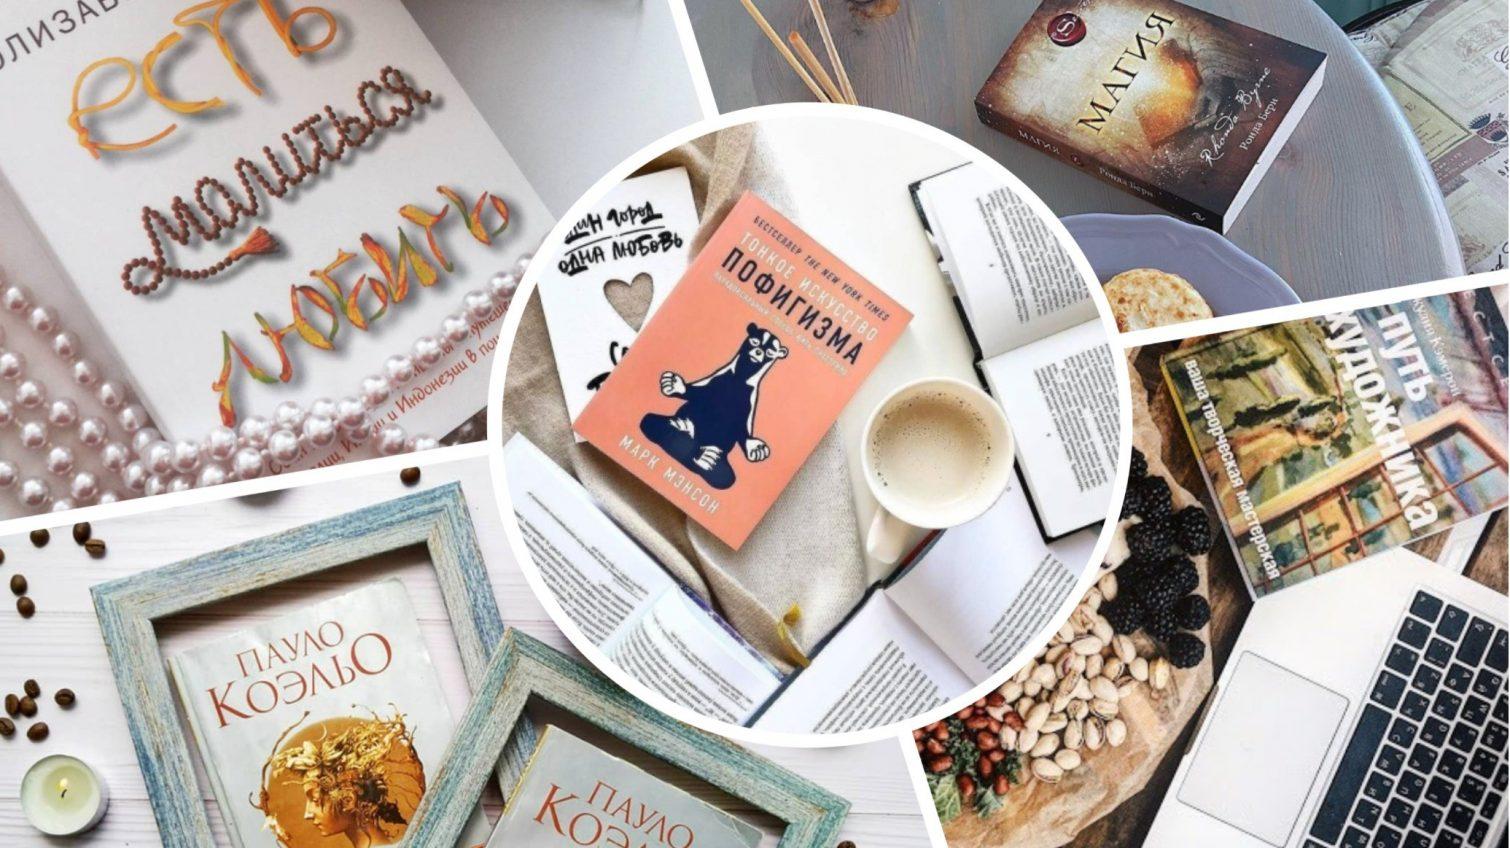 Февральское чтиво: 5 книг для продуктивных вечеров последнего месяца зимы (фото) «фото»